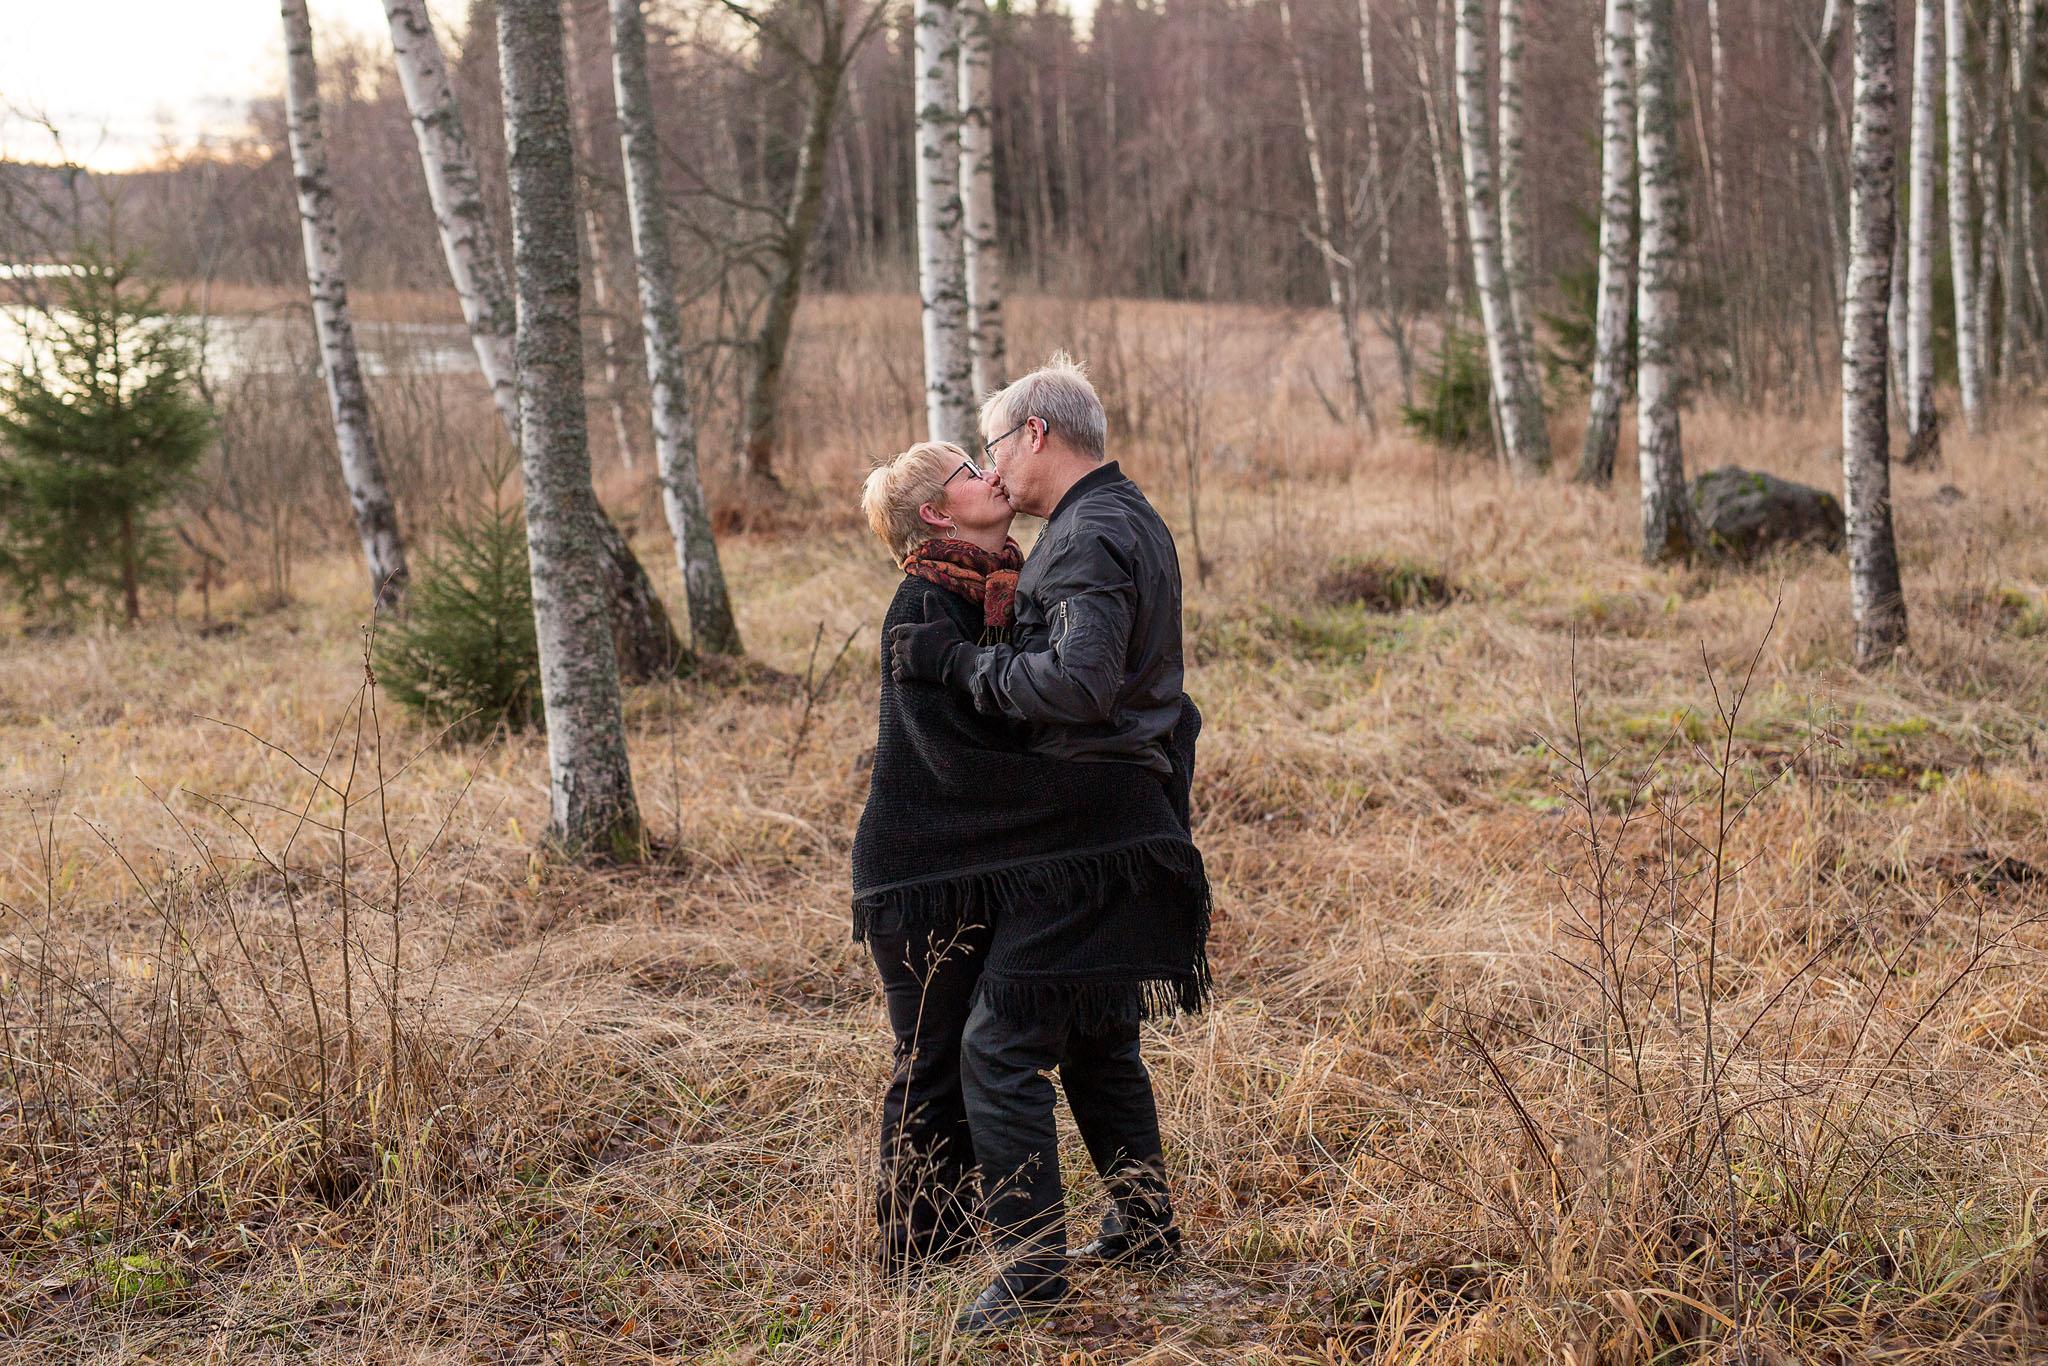 kärlek_fotograf_sabina_wixner_hudiksvall_8.jpg